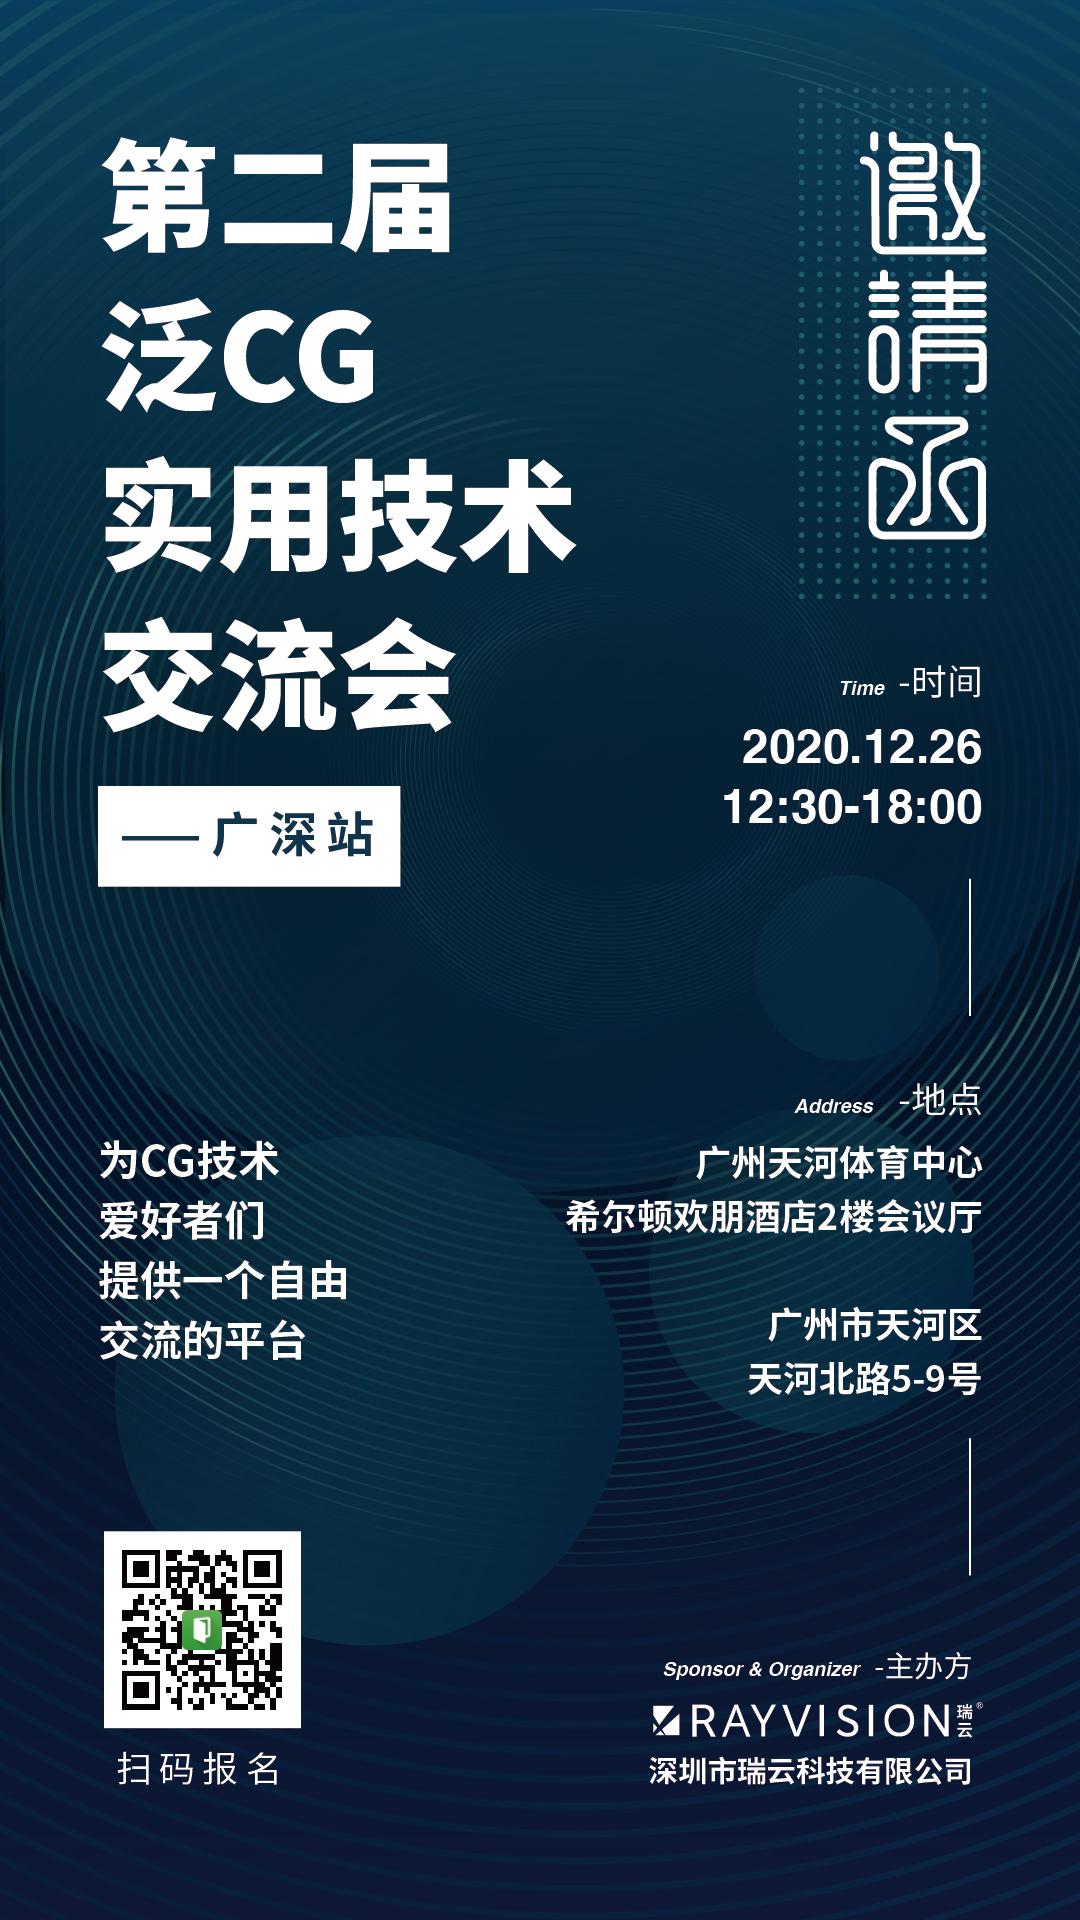 第二届泛CG实用技术交流会邀请函